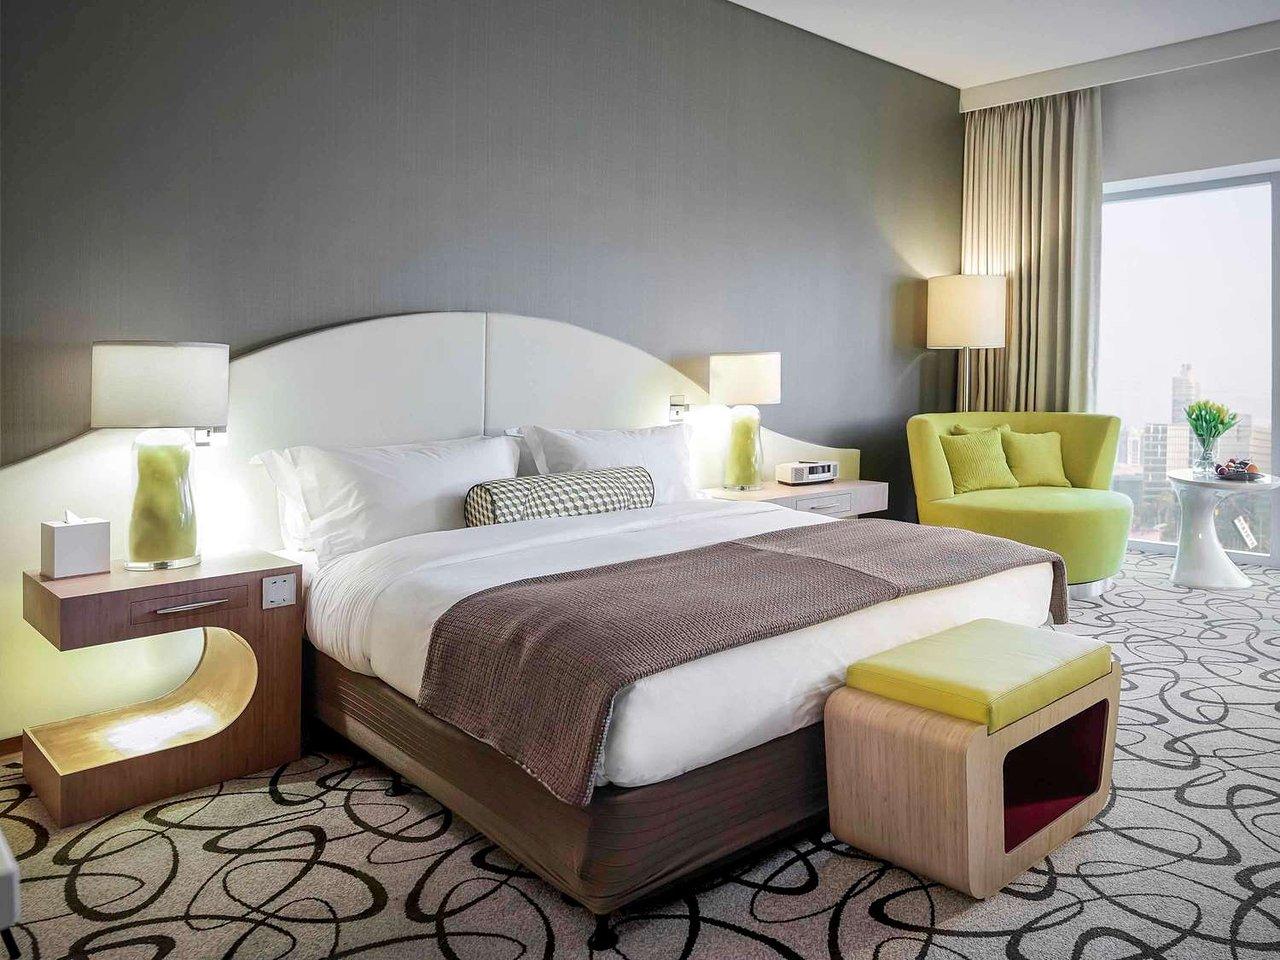 SOFITEL DUBAI DOWNTOWN $100 ($̶2̶8̶8̶) - Updated 2019 Prices & Hotel